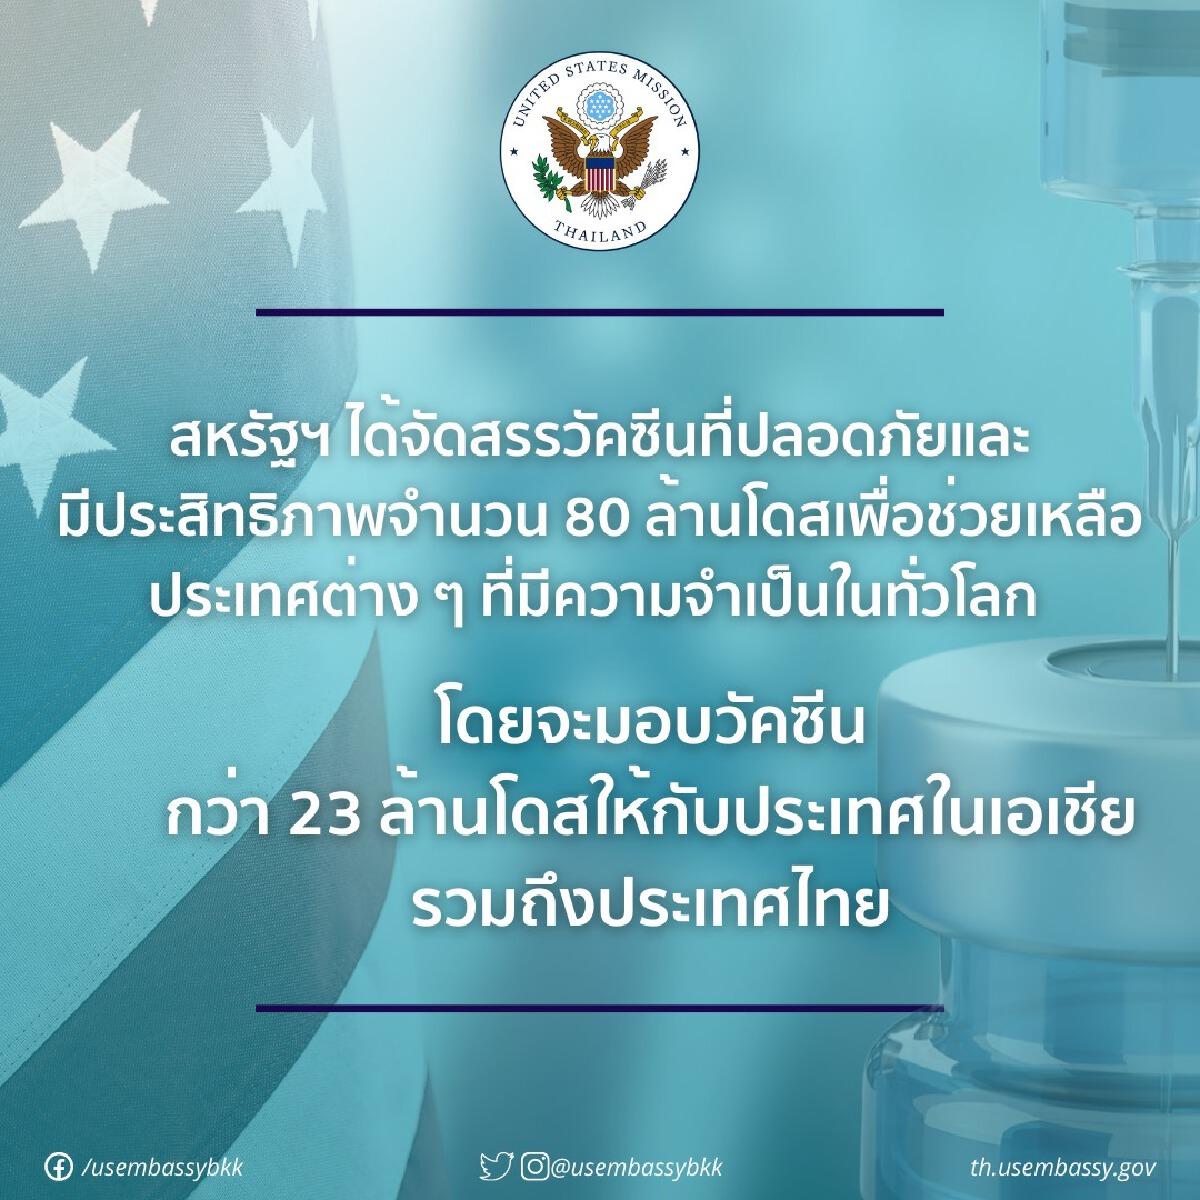 สหรัฐฯ วางแผนที่จะบริจาควัคซีนให้กับไทย